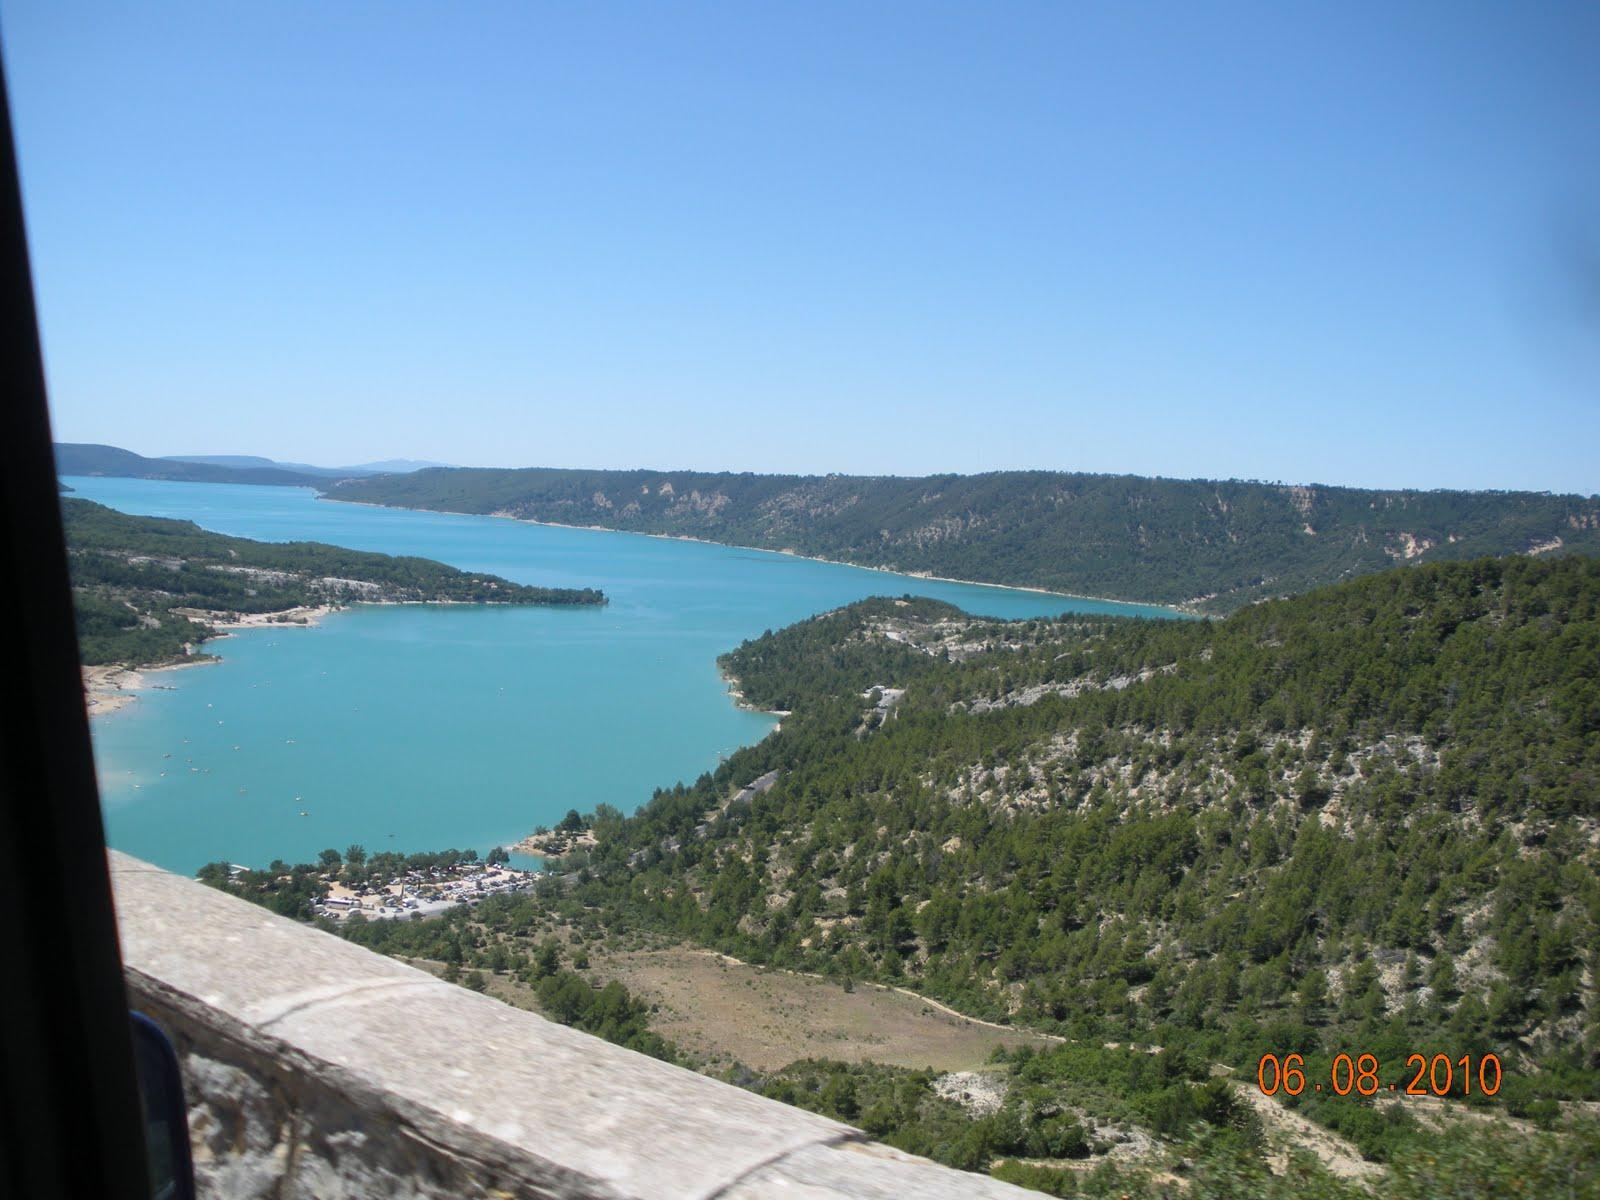 Le blog de ahmed hanifi litt rature quotidien etc 217 for Camping au bord du lac de sainte croix avec piscine